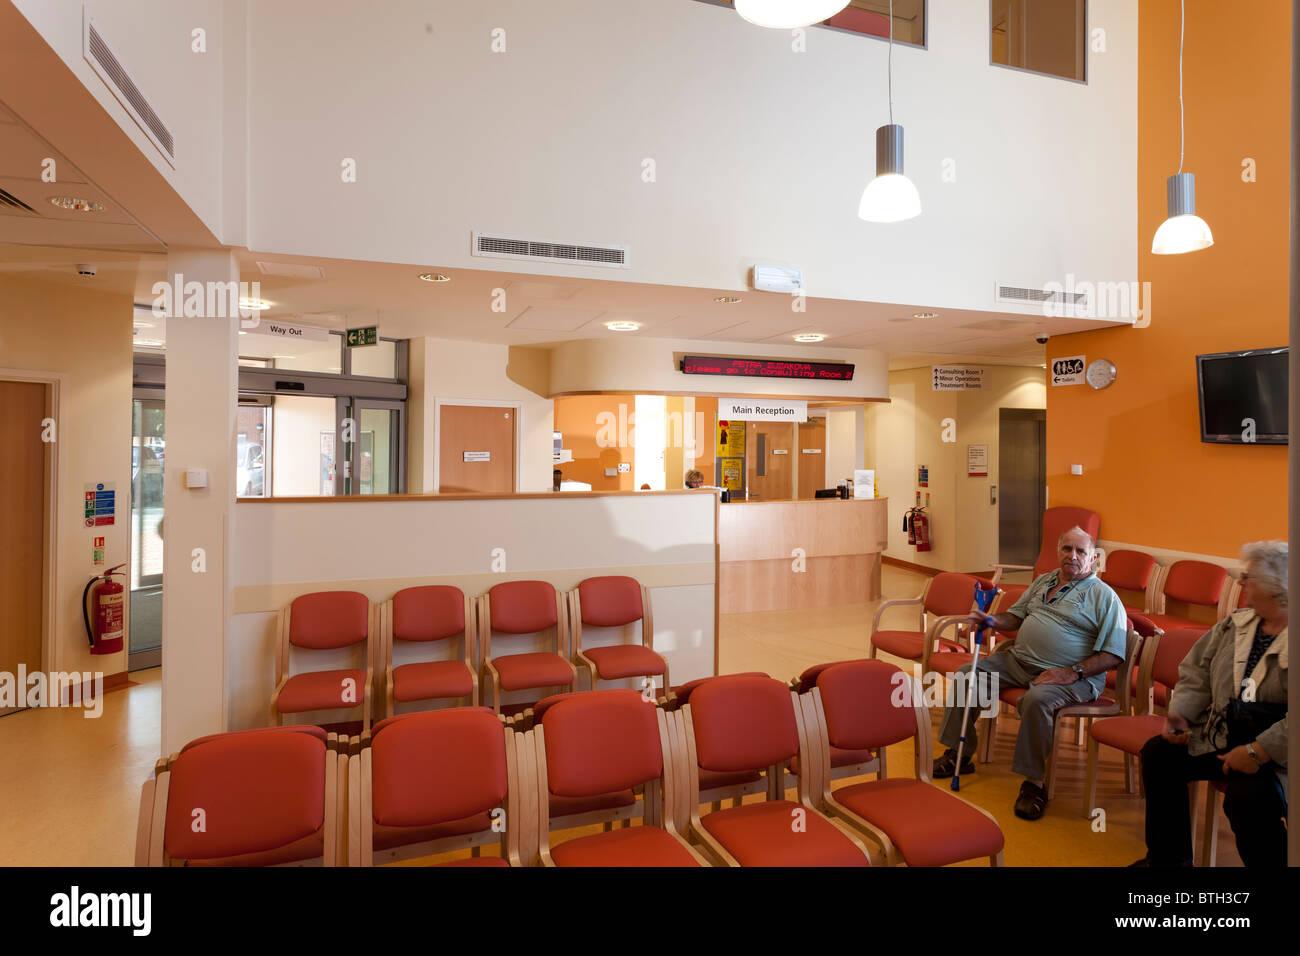 Salle d'attente de réception au Centre médical de Gosport Photo Stock